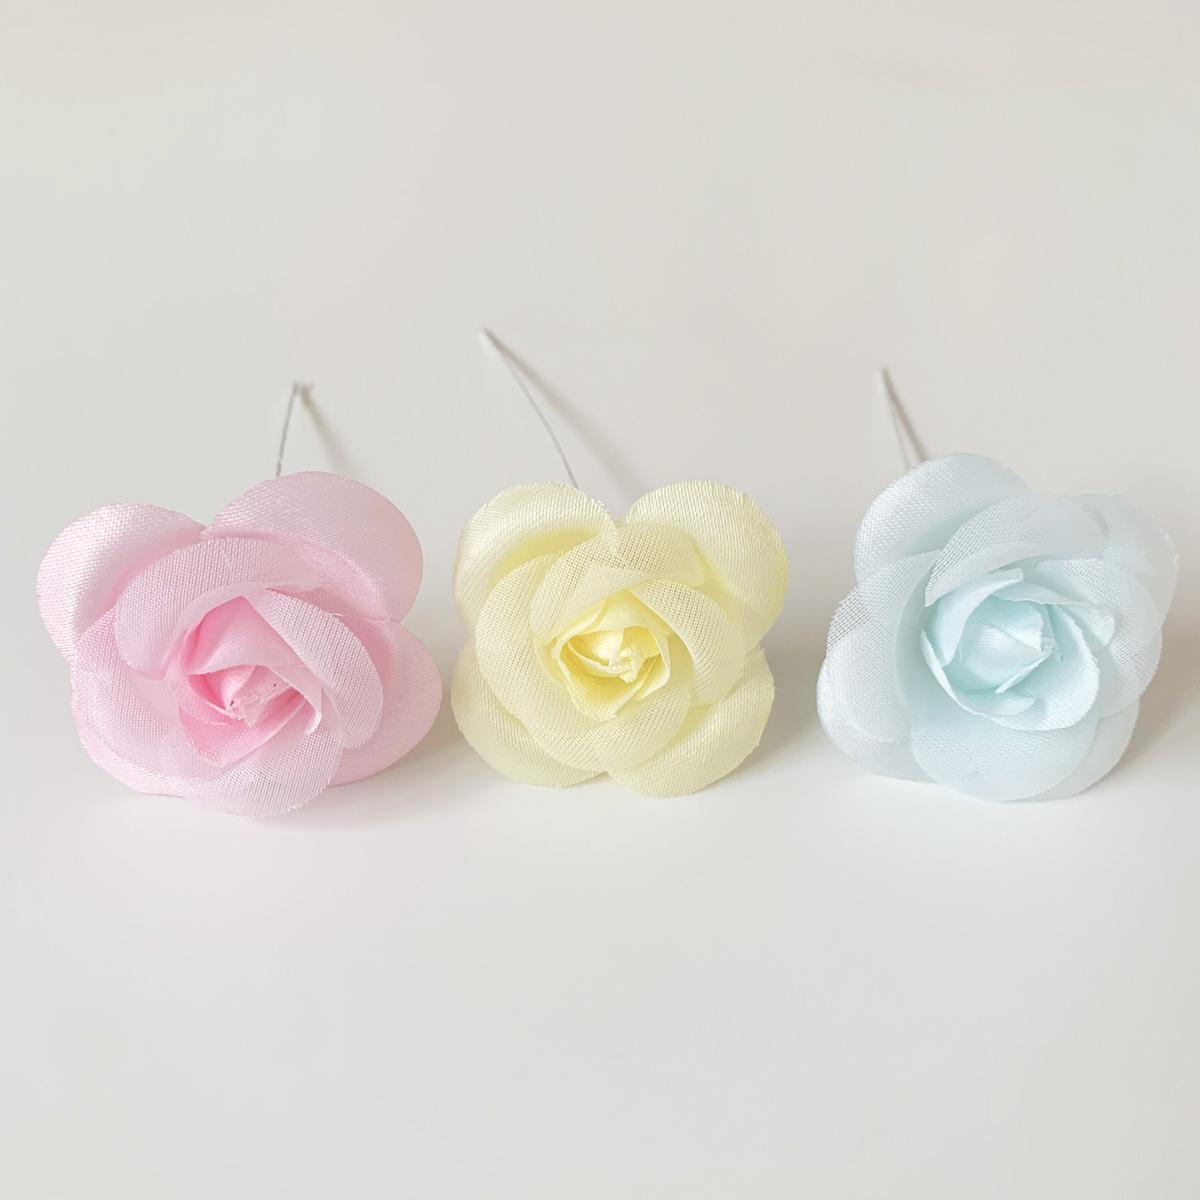 造花 メール便対応  アウトレット造花 バラ 417 ラッピング フラワー 髪飾りの作り方を動画で紹介